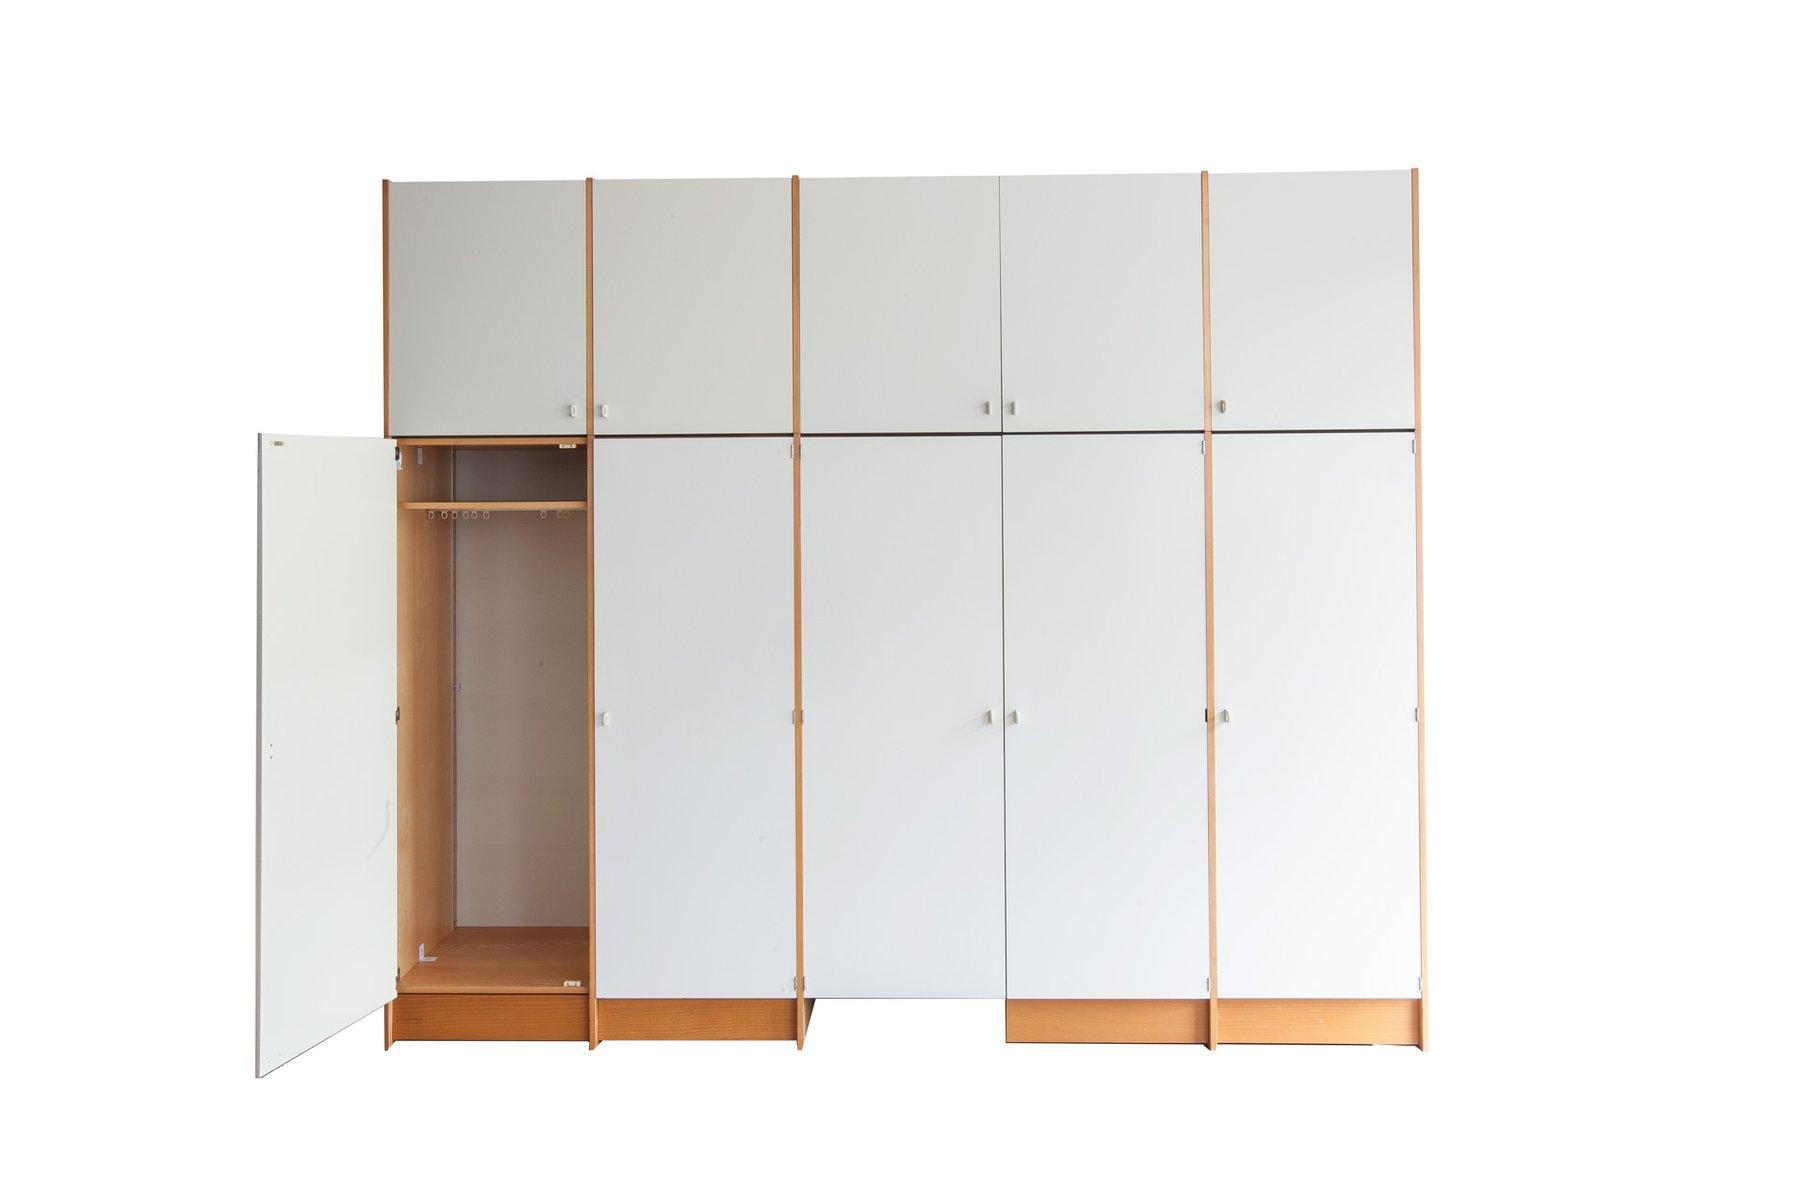 modell rz57 kleiderschrank von dieter rams f r otto zapf 1967 bei pamono kaufen. Black Bedroom Furniture Sets. Home Design Ideas